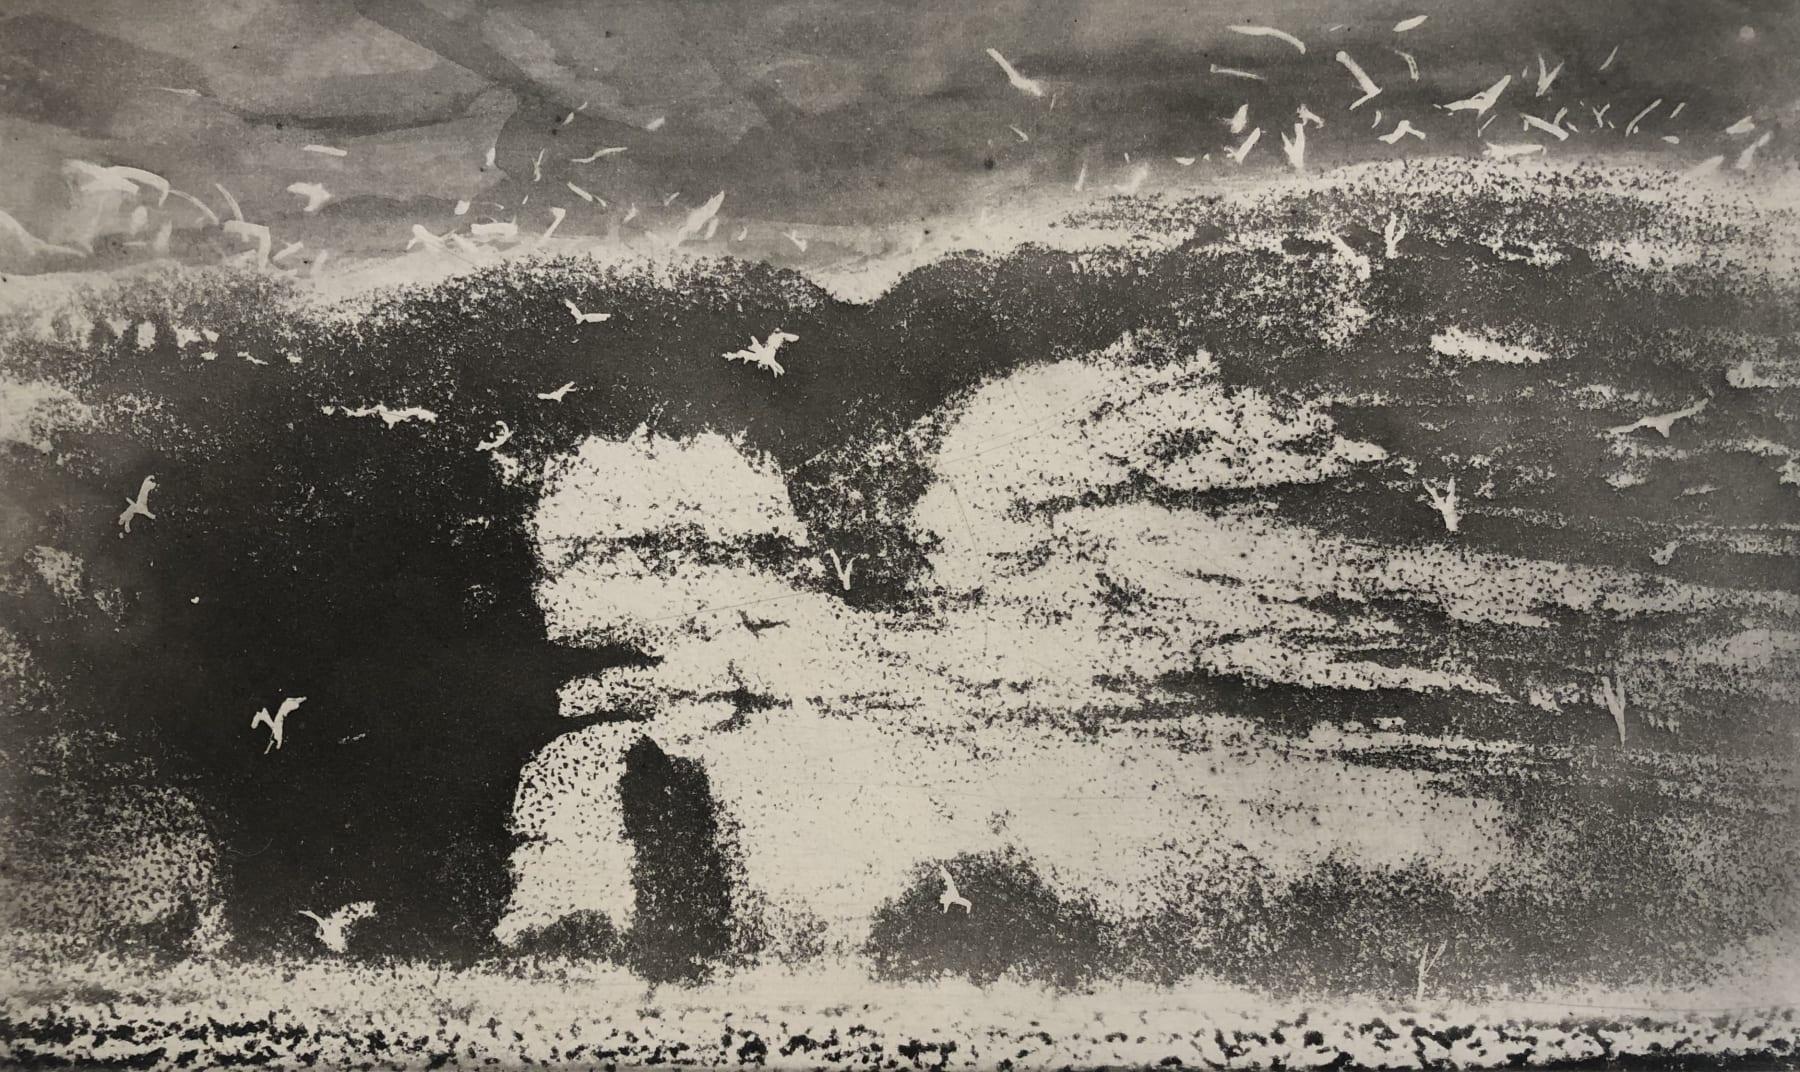 Norman Ackroyd, Bempton Cliffs - Crab Rock, 2020